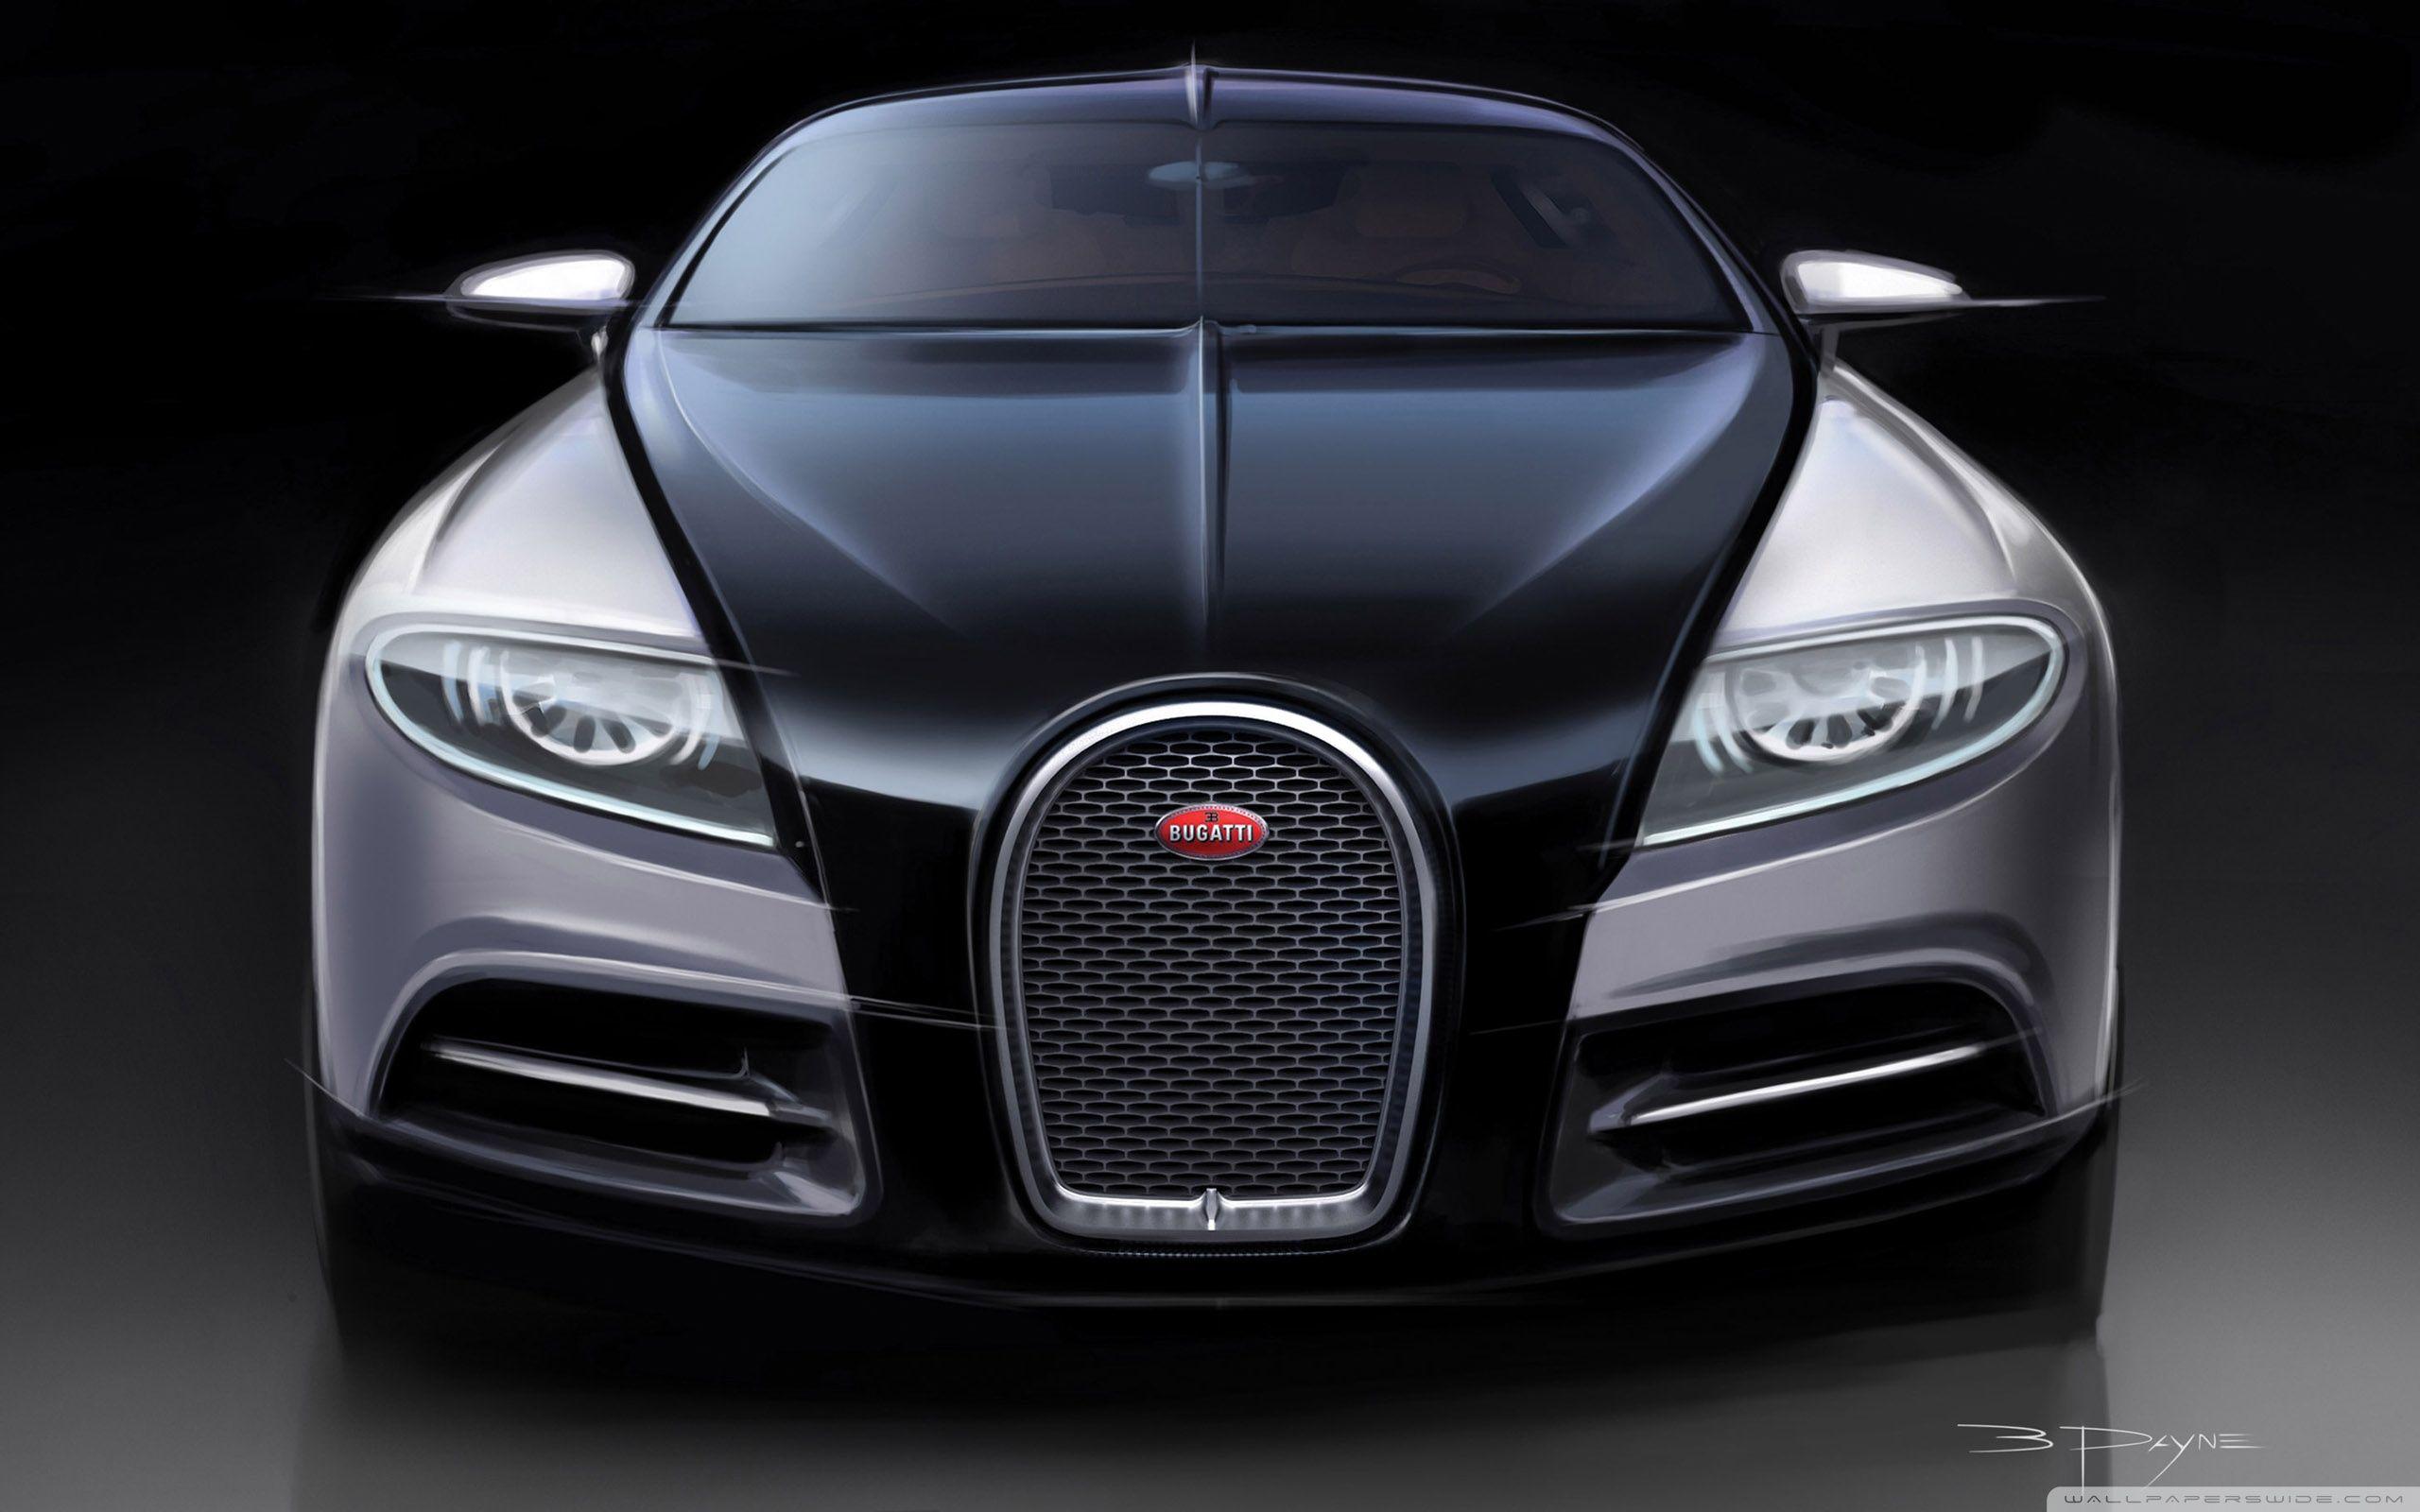 Bugatti 16 C Galibier Auto Concept 2 Bugatti 16 C Galibier Auto Concept 2 Photo Gallery